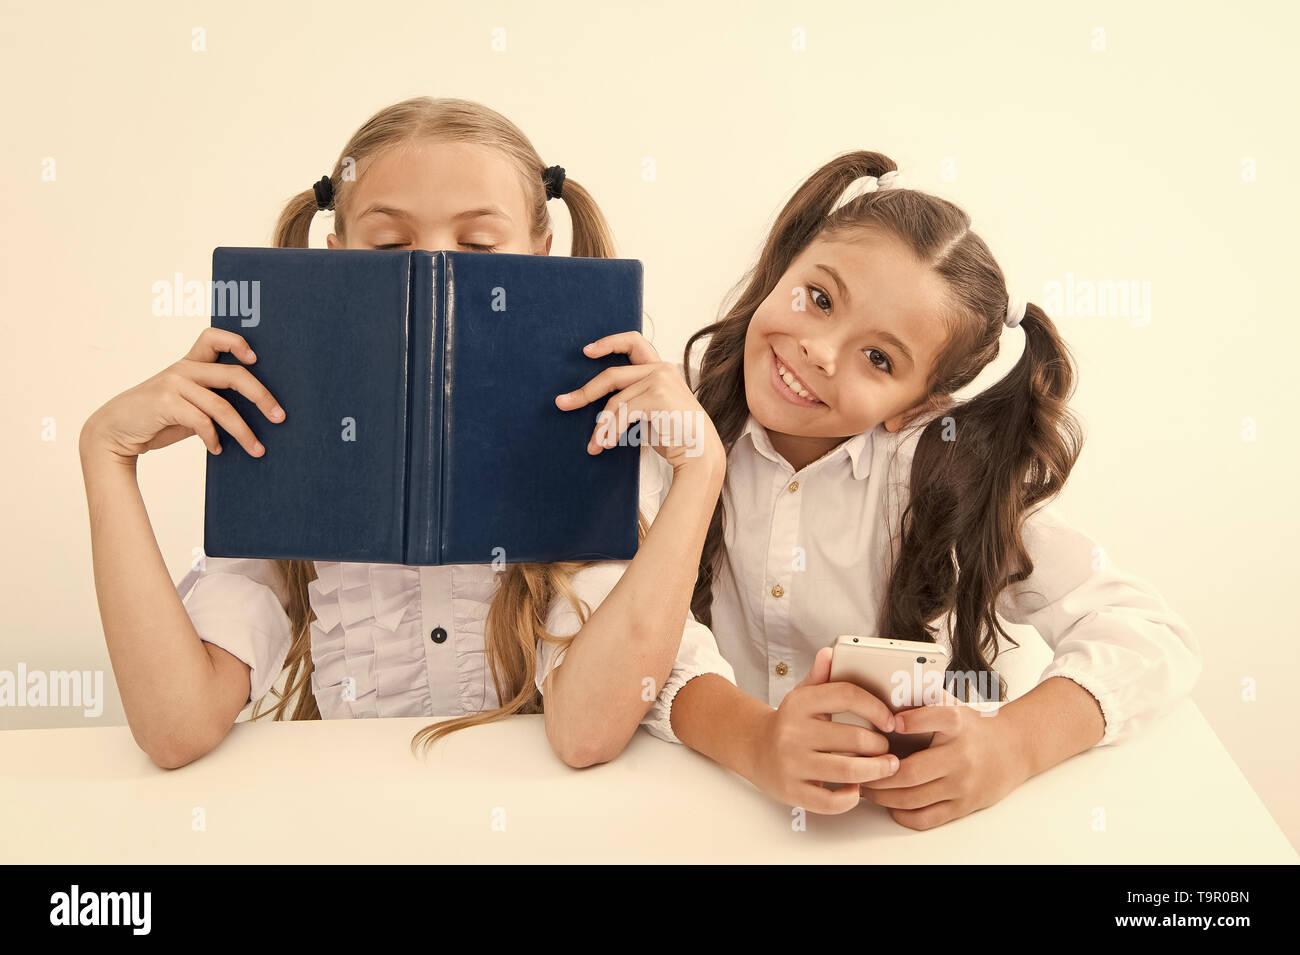 Contra la vieja escuela moderna. Colegiala mantenga teléfono móvil smartphone moderno mientras su amiga disfrute de libro viejo como almacenamiento de datos analógicos. Tecnología contra e Foto de stock